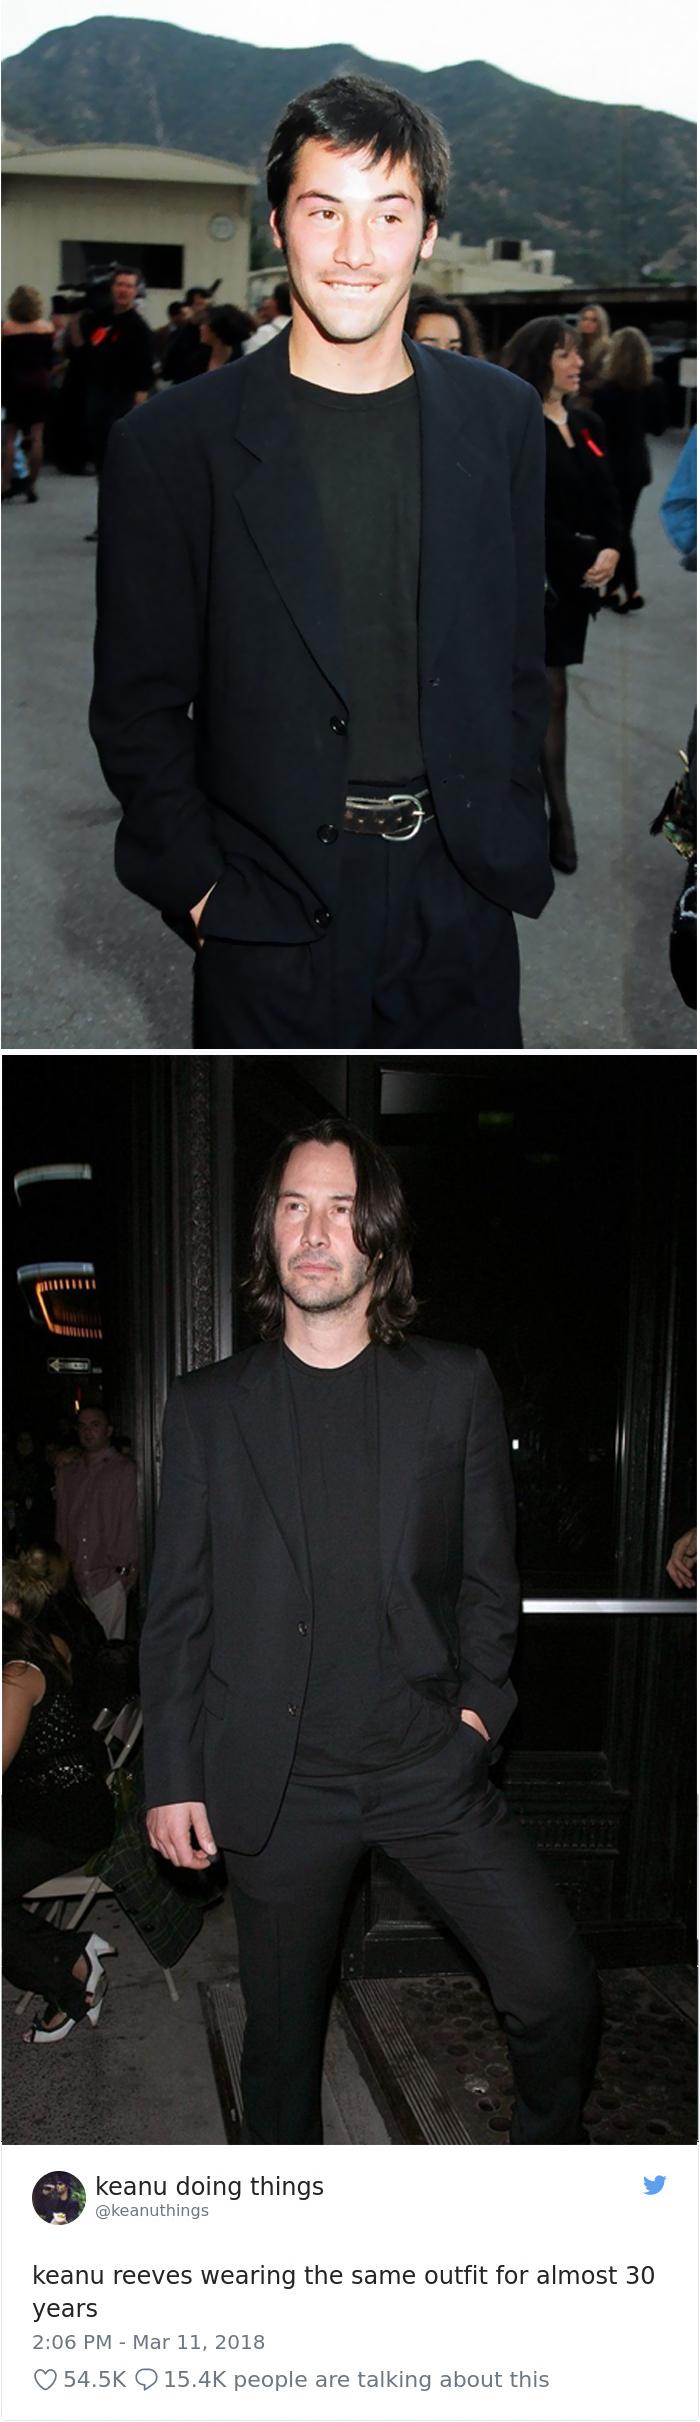 5abe1c0871fbf 972836111696519168 png  700 5abc994127a87  700 - Por que Keanu Reeves tímido e introvertido é tão popular na Internet?